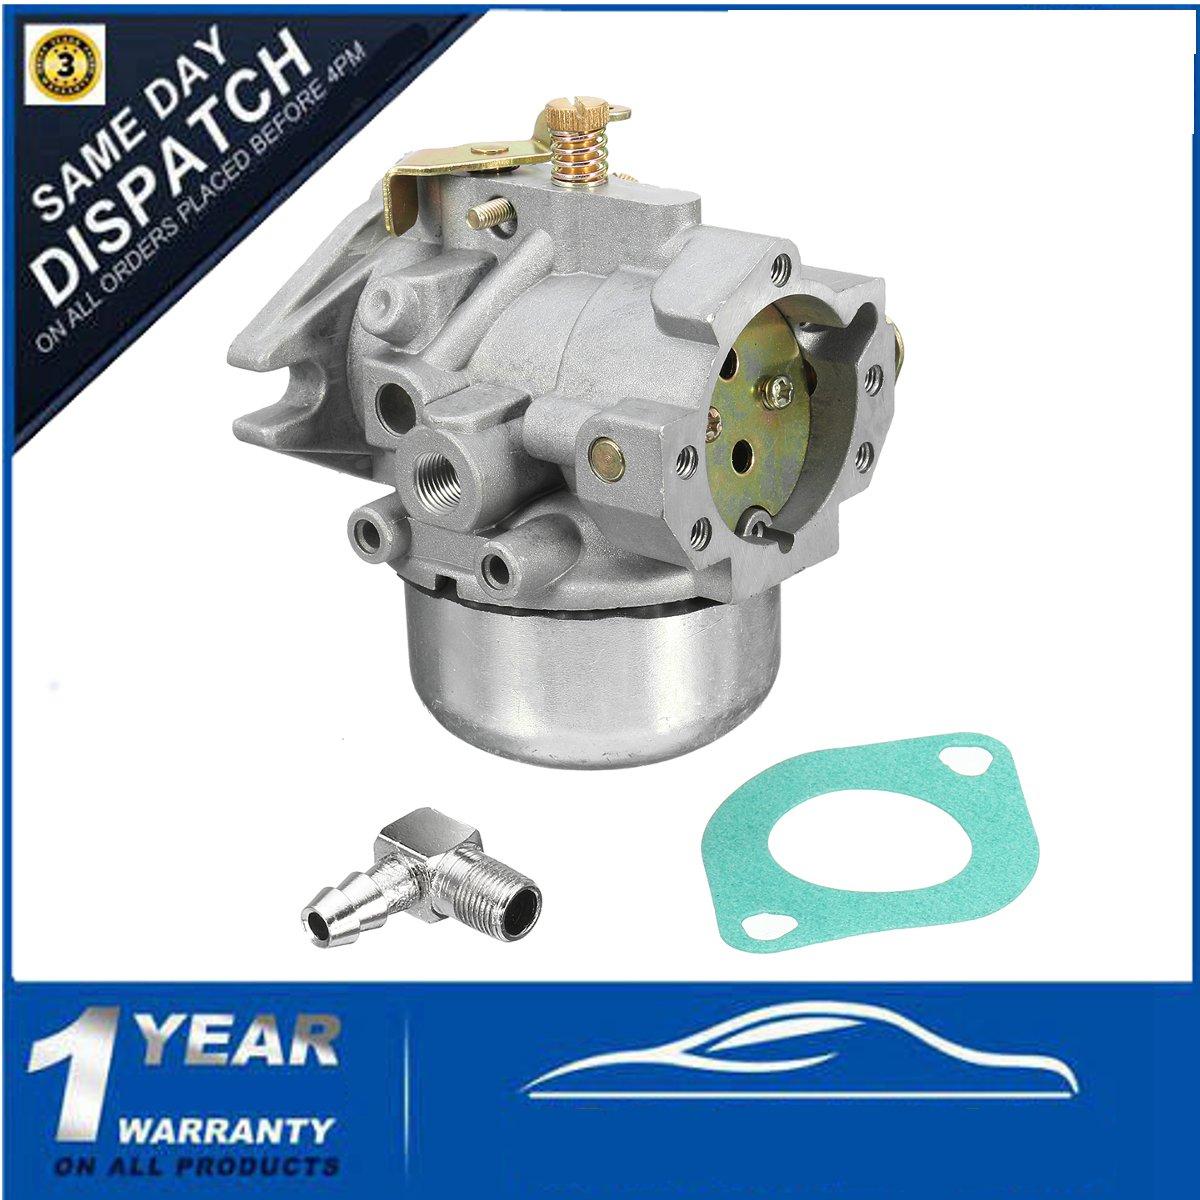 Vergaser Carburetor Carb with Gasket fit Kohler KT17 KT19 M18 M20 MV18 MV20